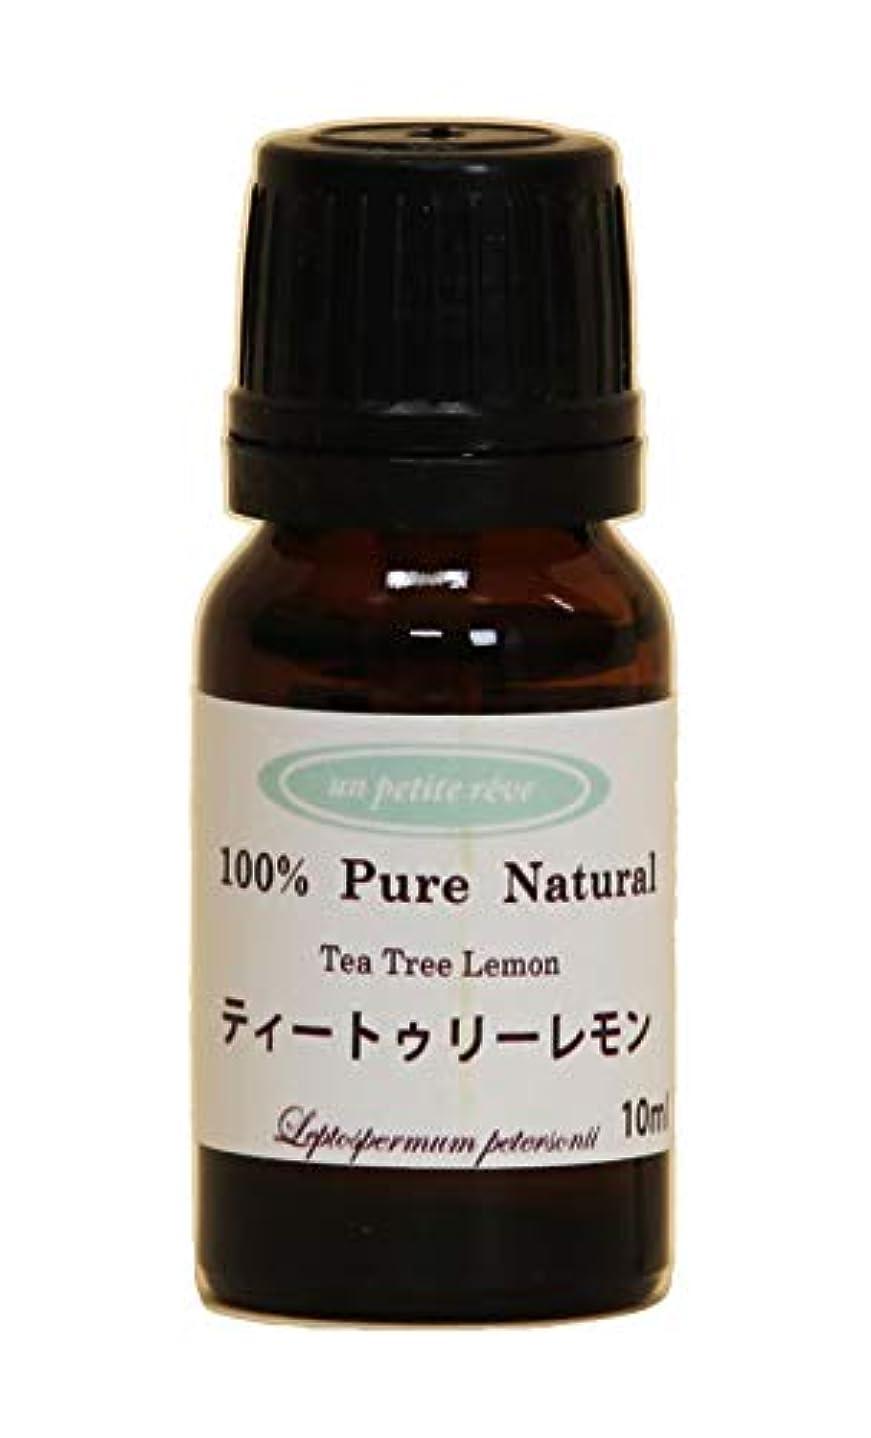 最大化する連続した嫌悪ティートゥリーレモン  10ml 100%天然アロマエッセンシャルオイル(精油)